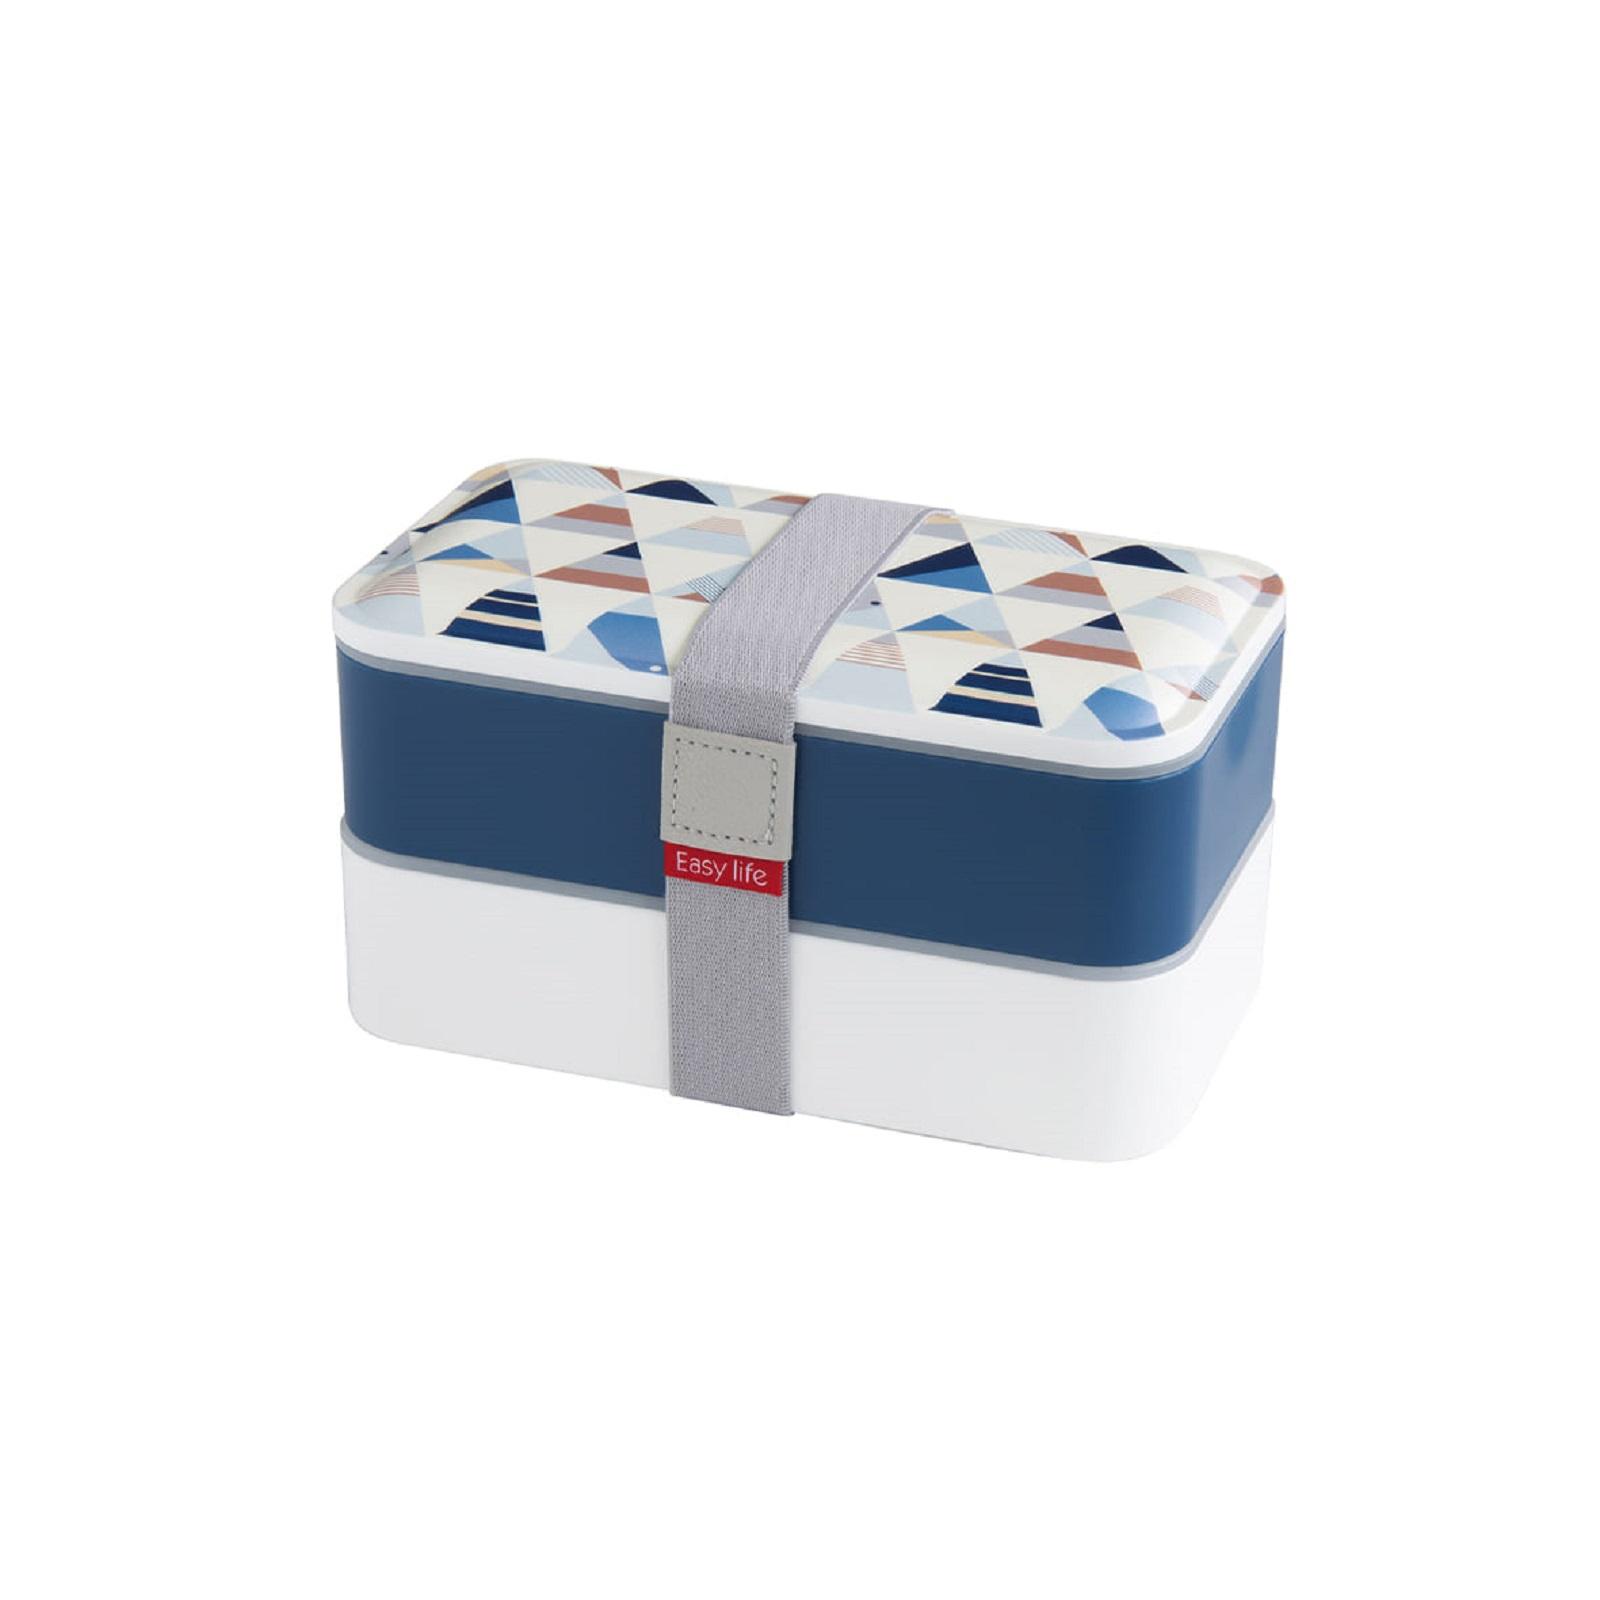 Ланч-бокс Easy Life, объем 1,2 л, 18,5x10,5x10 см, белый с синим Easy Life 2500 GEO1 фото 2